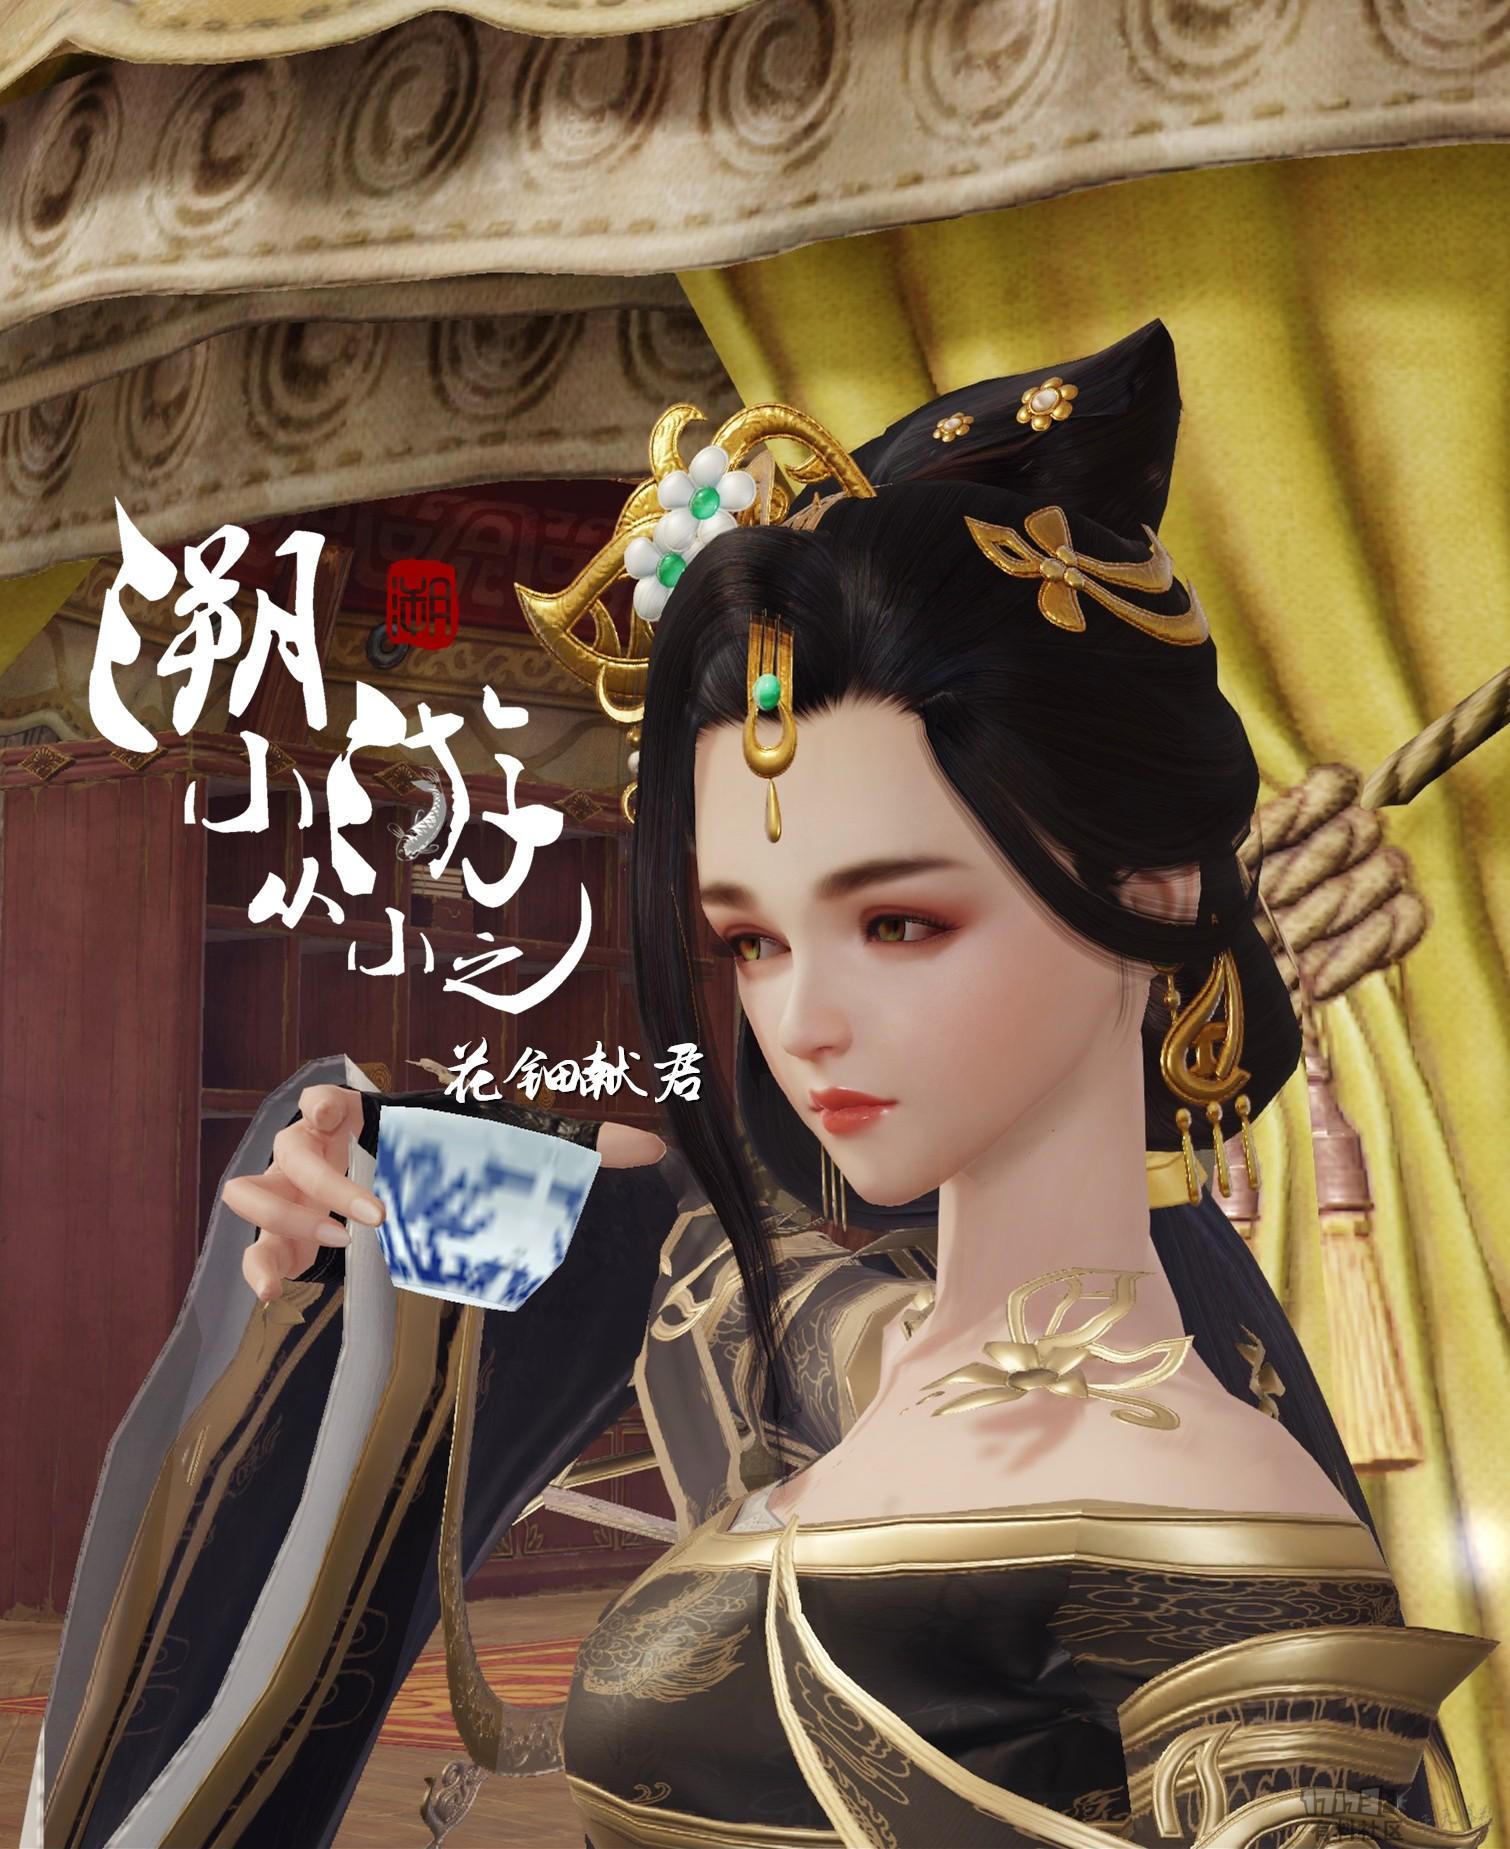 【换新颜】-溯游-四美妃系列